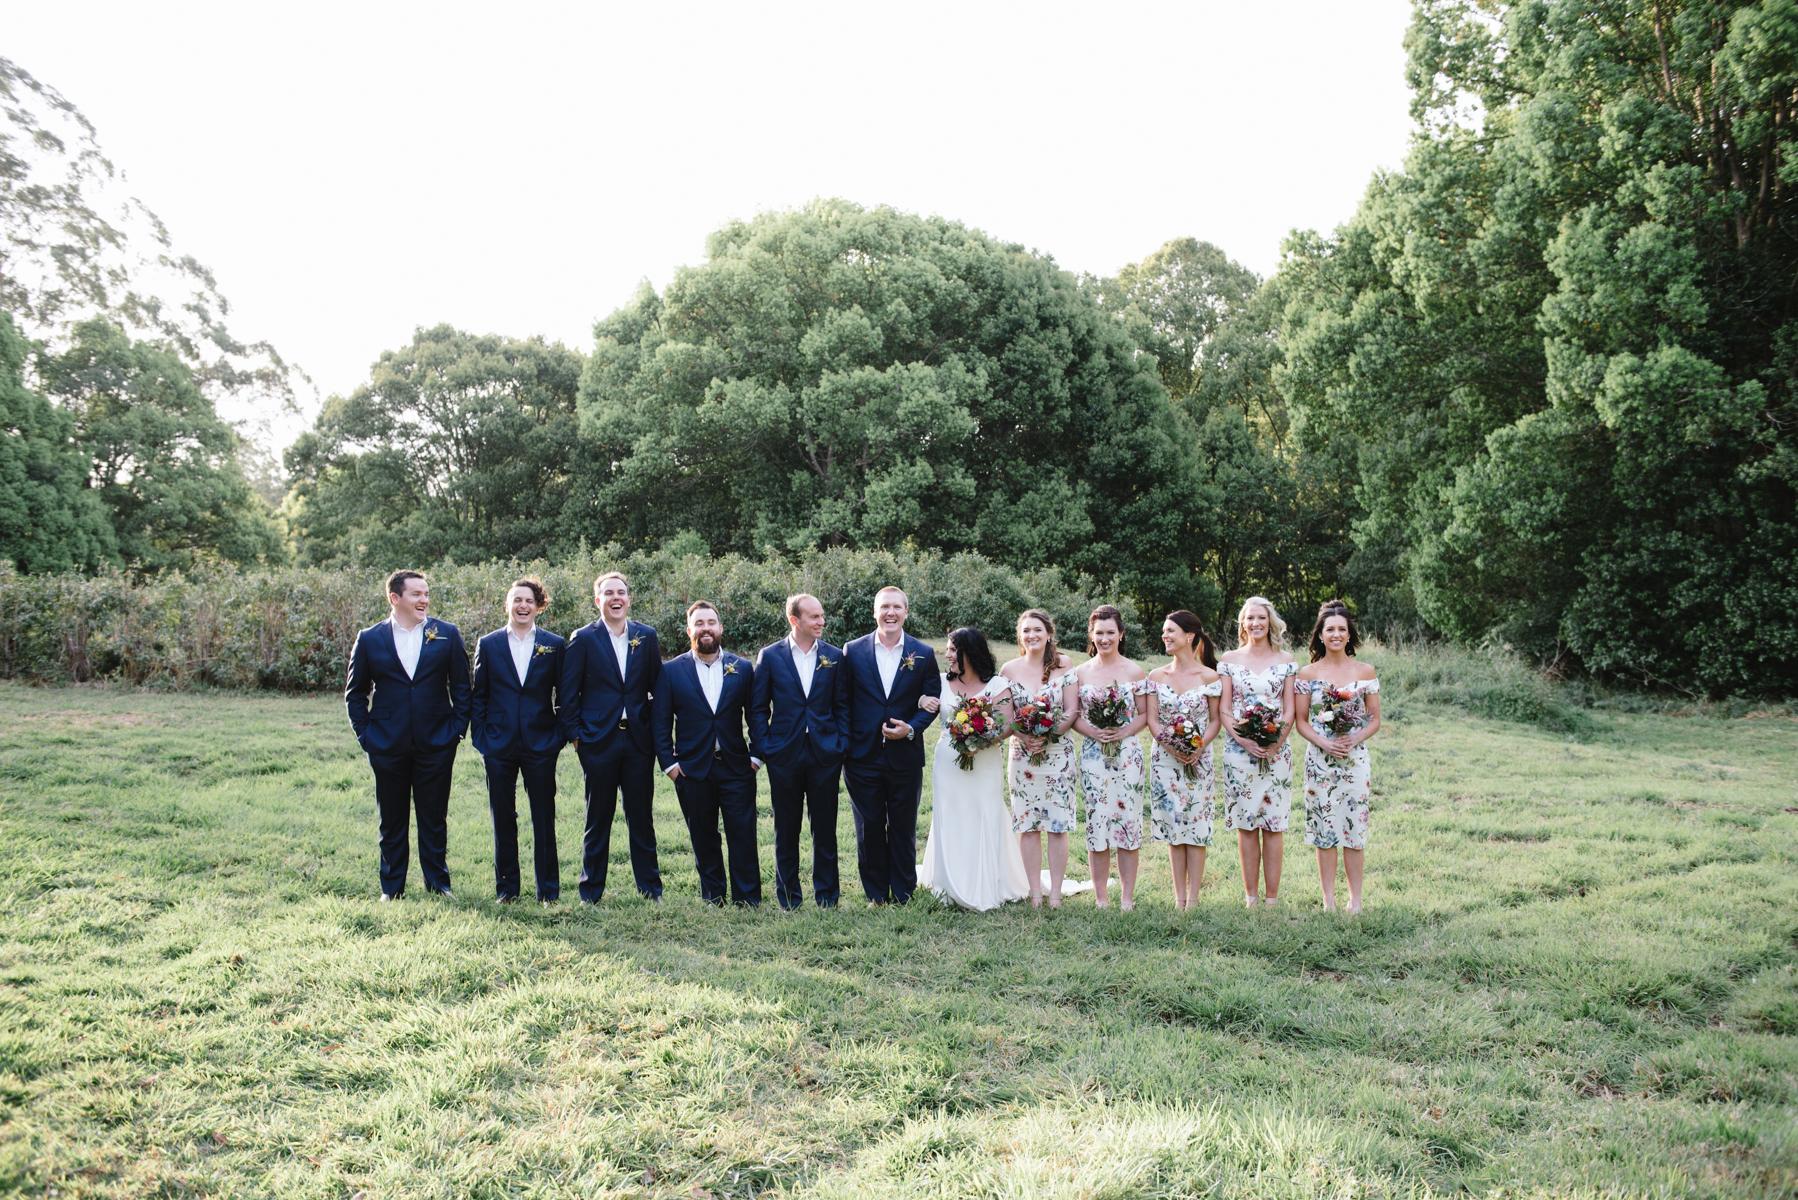 sarahandBenwedding- skyla sage photography weddings, families, byron bay,tweed coast,kingscliff,cabarita,gold coast-746.jpg